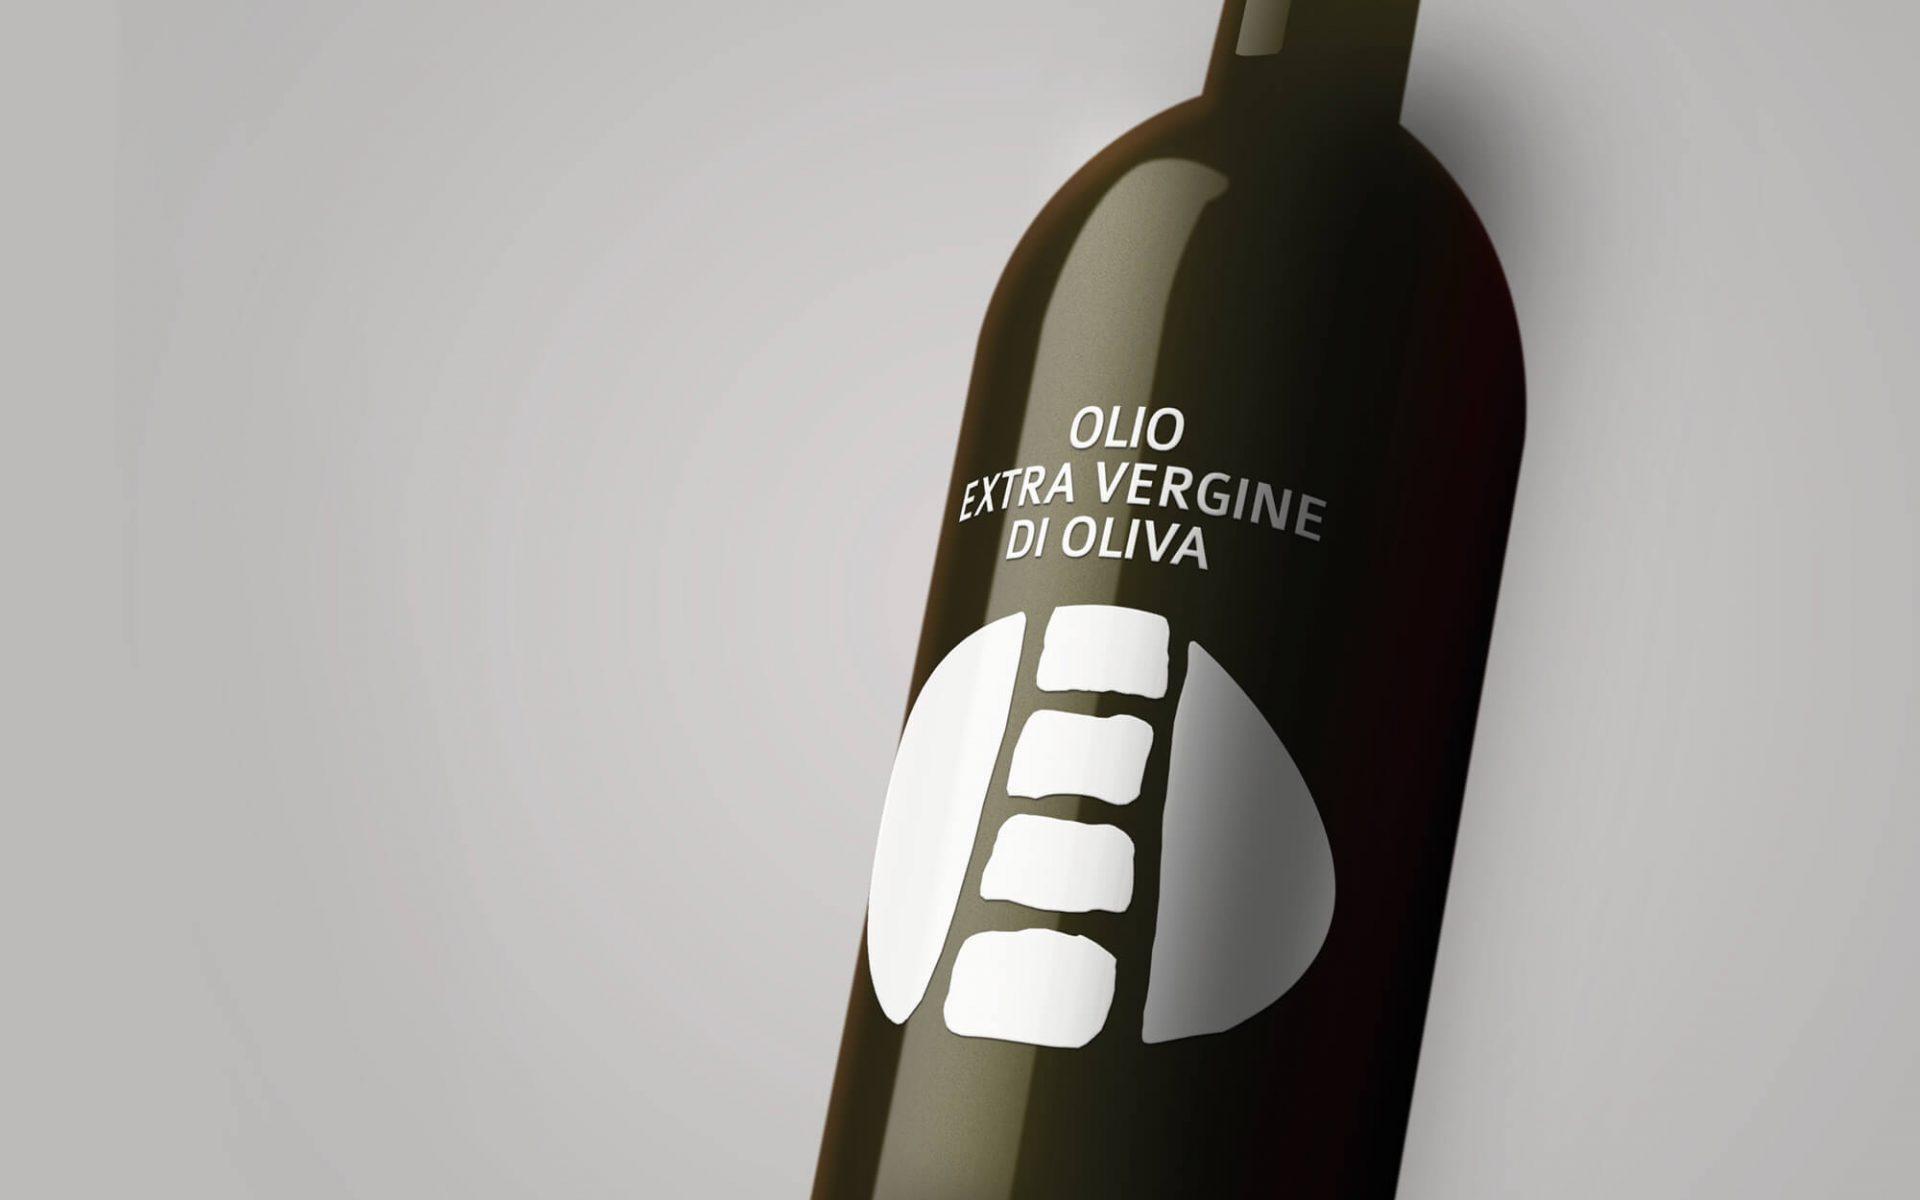 progetto per etichetta bottiglia olio serigrafata realizzata dalla agenzia di comunicazione diadestudio di arco trento